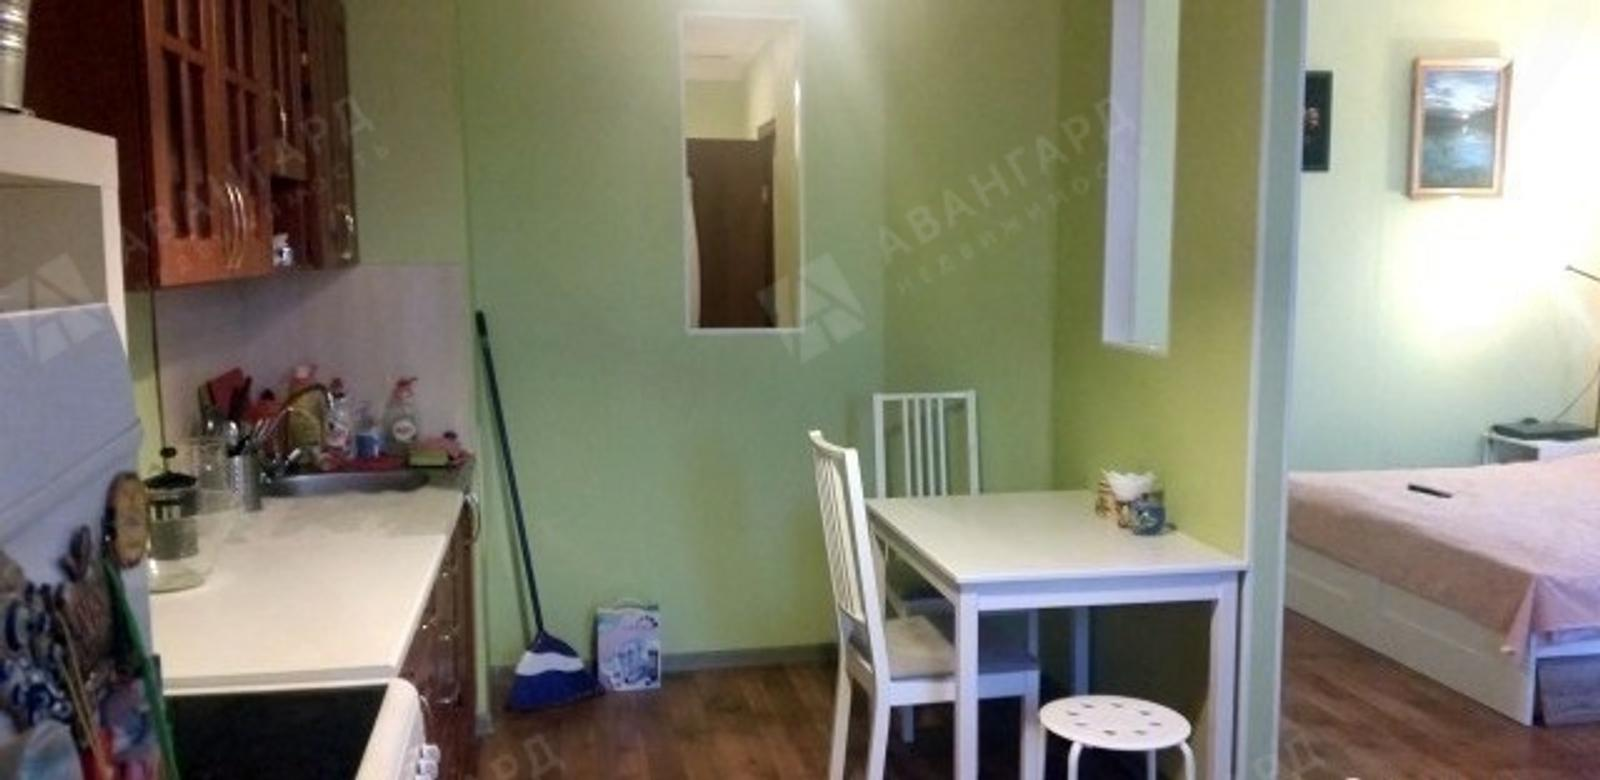 1-комнатная квартира, Королёва пр-кт, 21к1 - фото 1